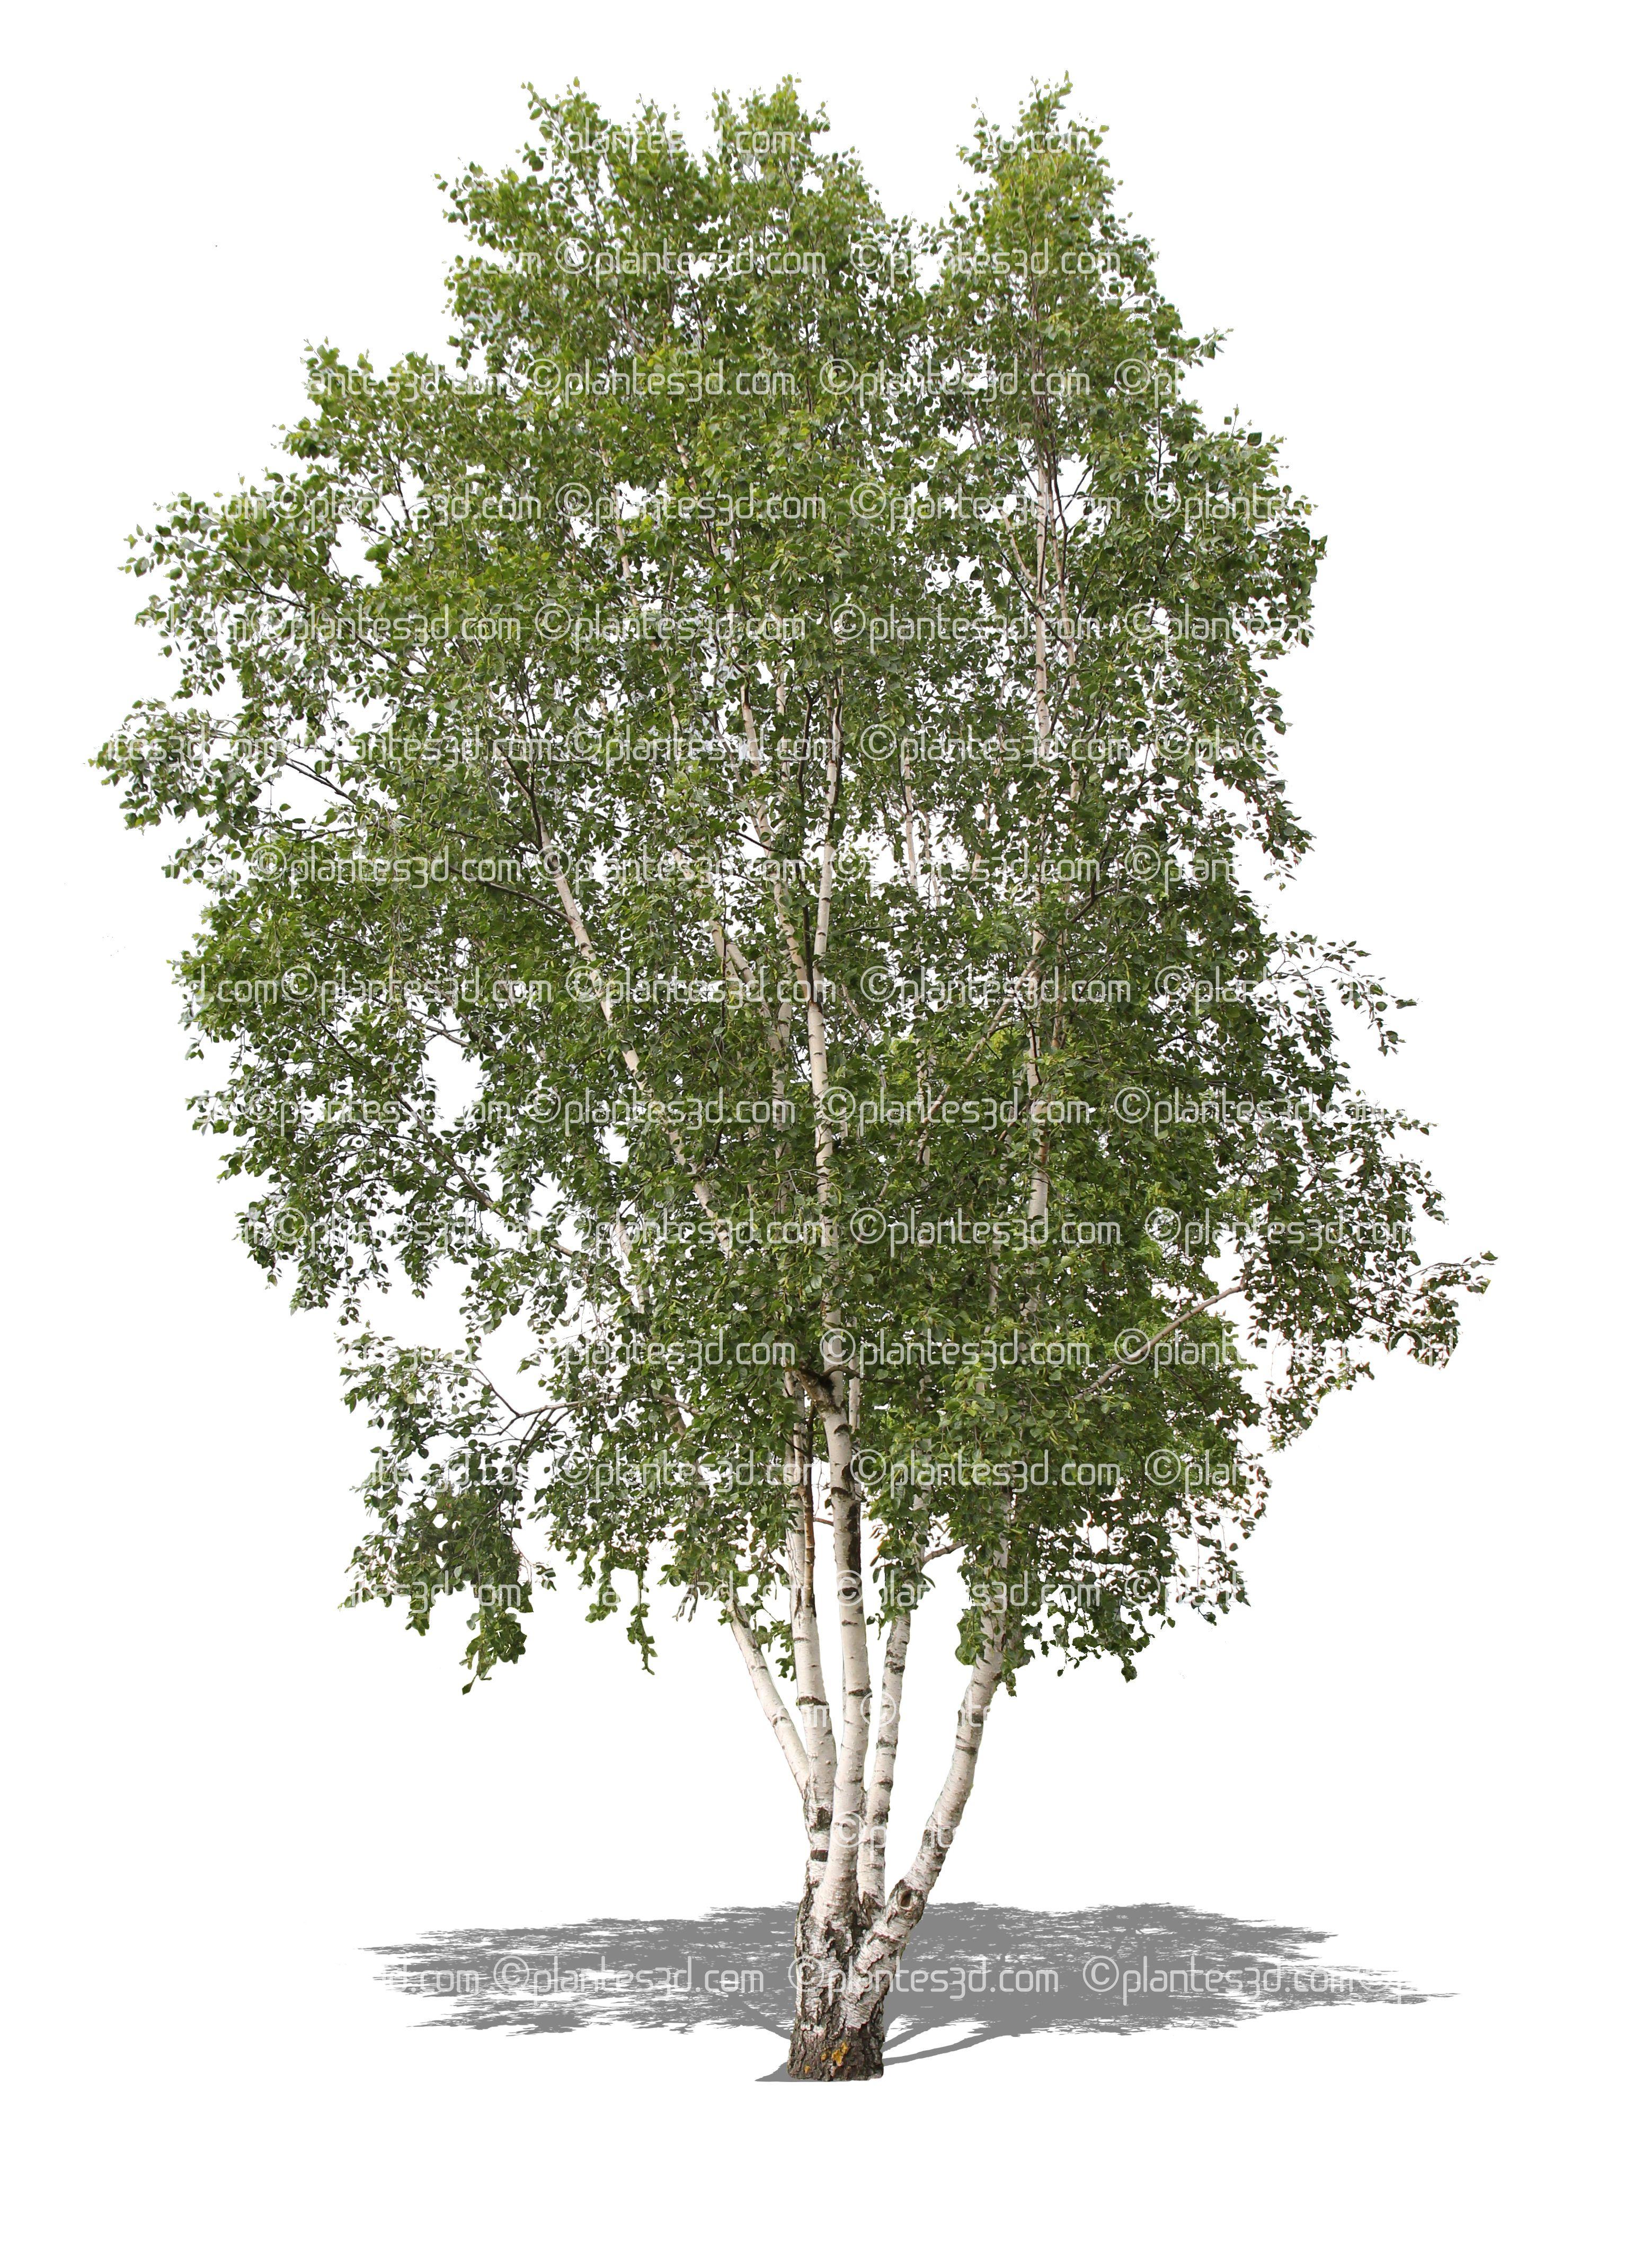 Betula albaBouleau blancArbre détouréplante détourée